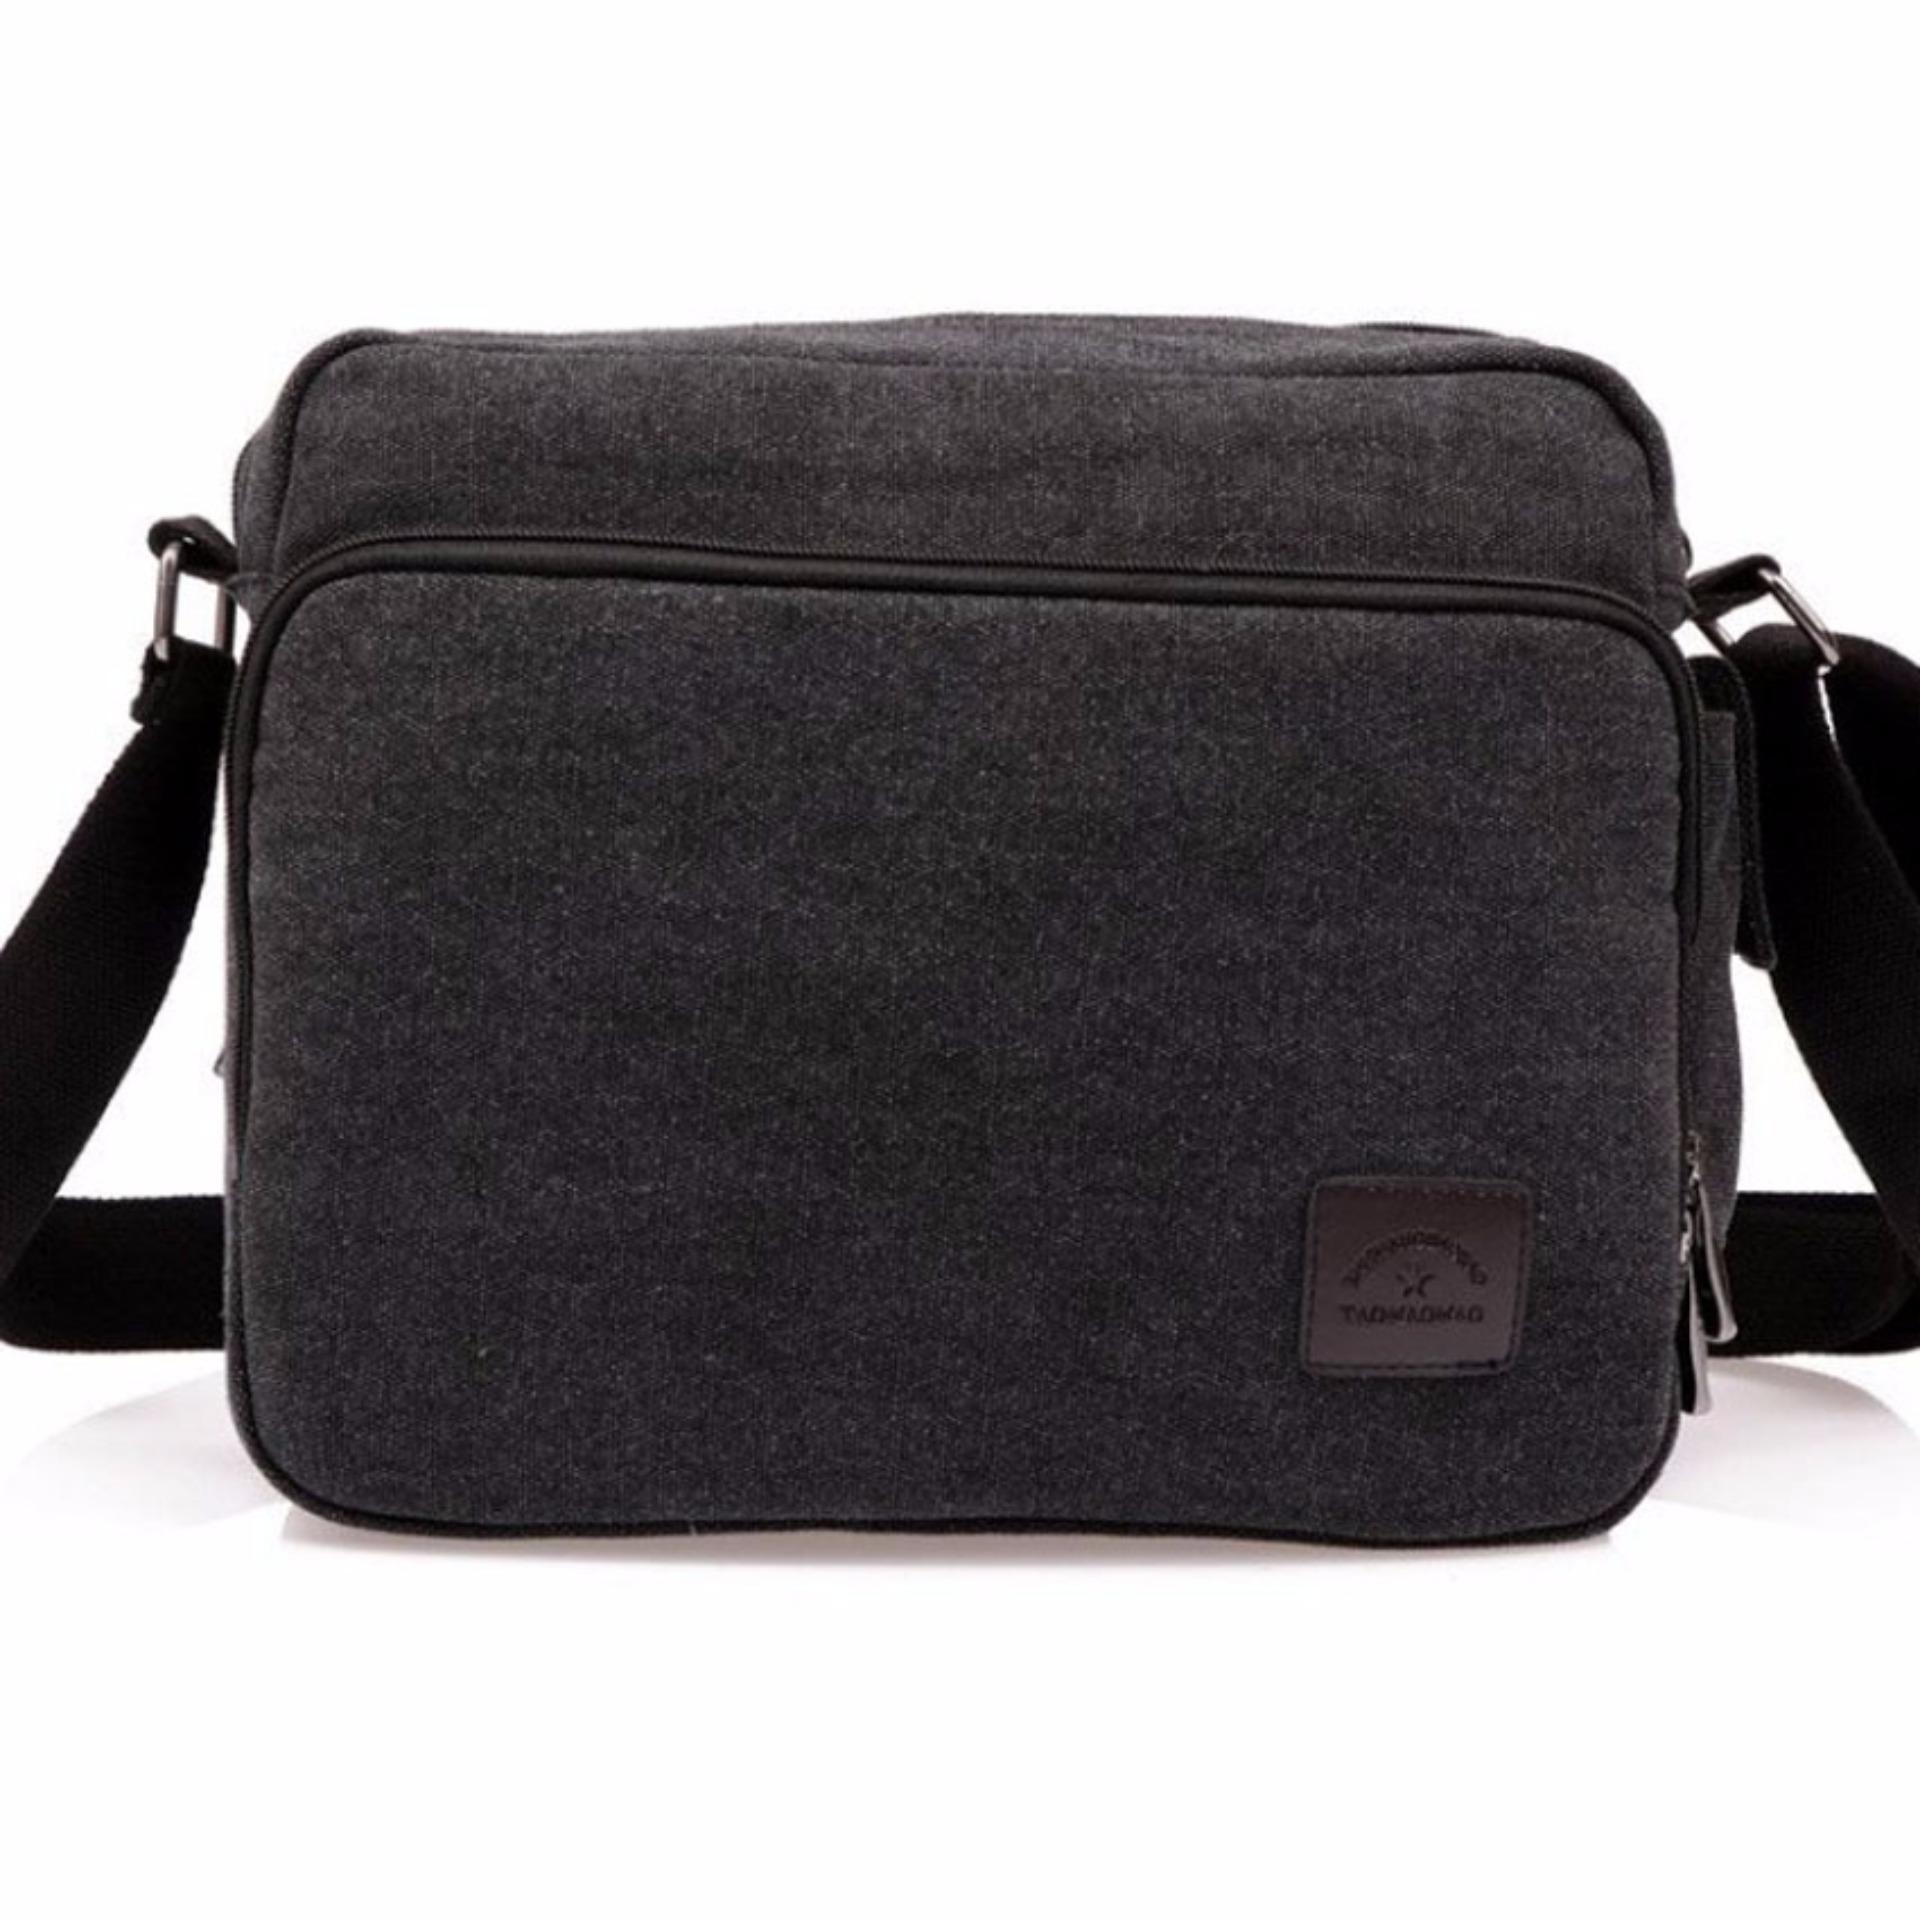 Tahan lama digunakan Ormano Tas Selempang Casual Kanvas Obsession Pria  Wanita Bodypack Sling Bag Tas Bahu Slempang Jeans Shoulder 1260abb70c